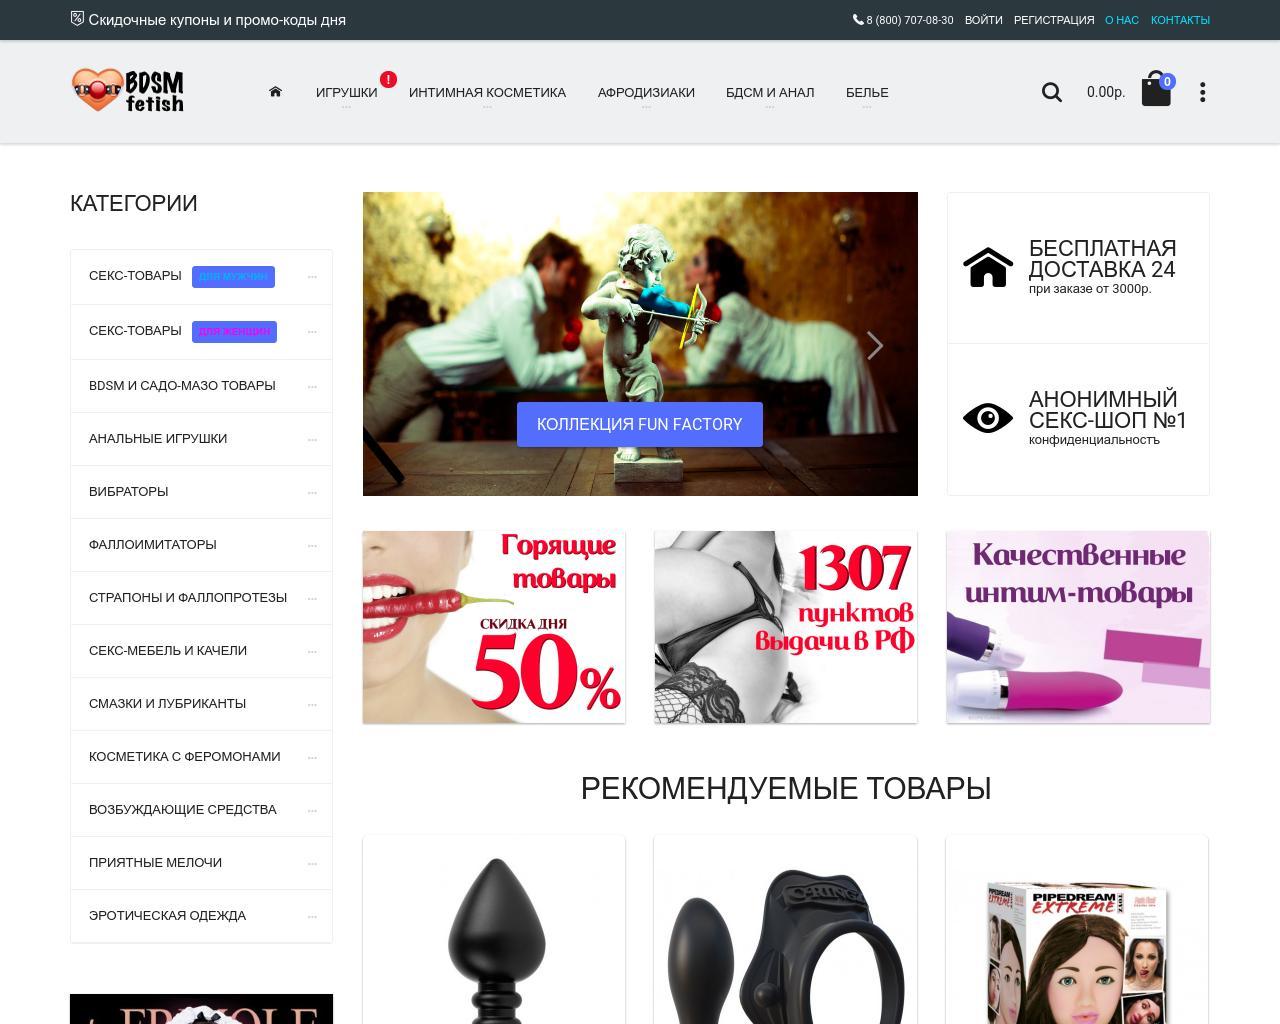 internet-magazin-intimniy-tovarov